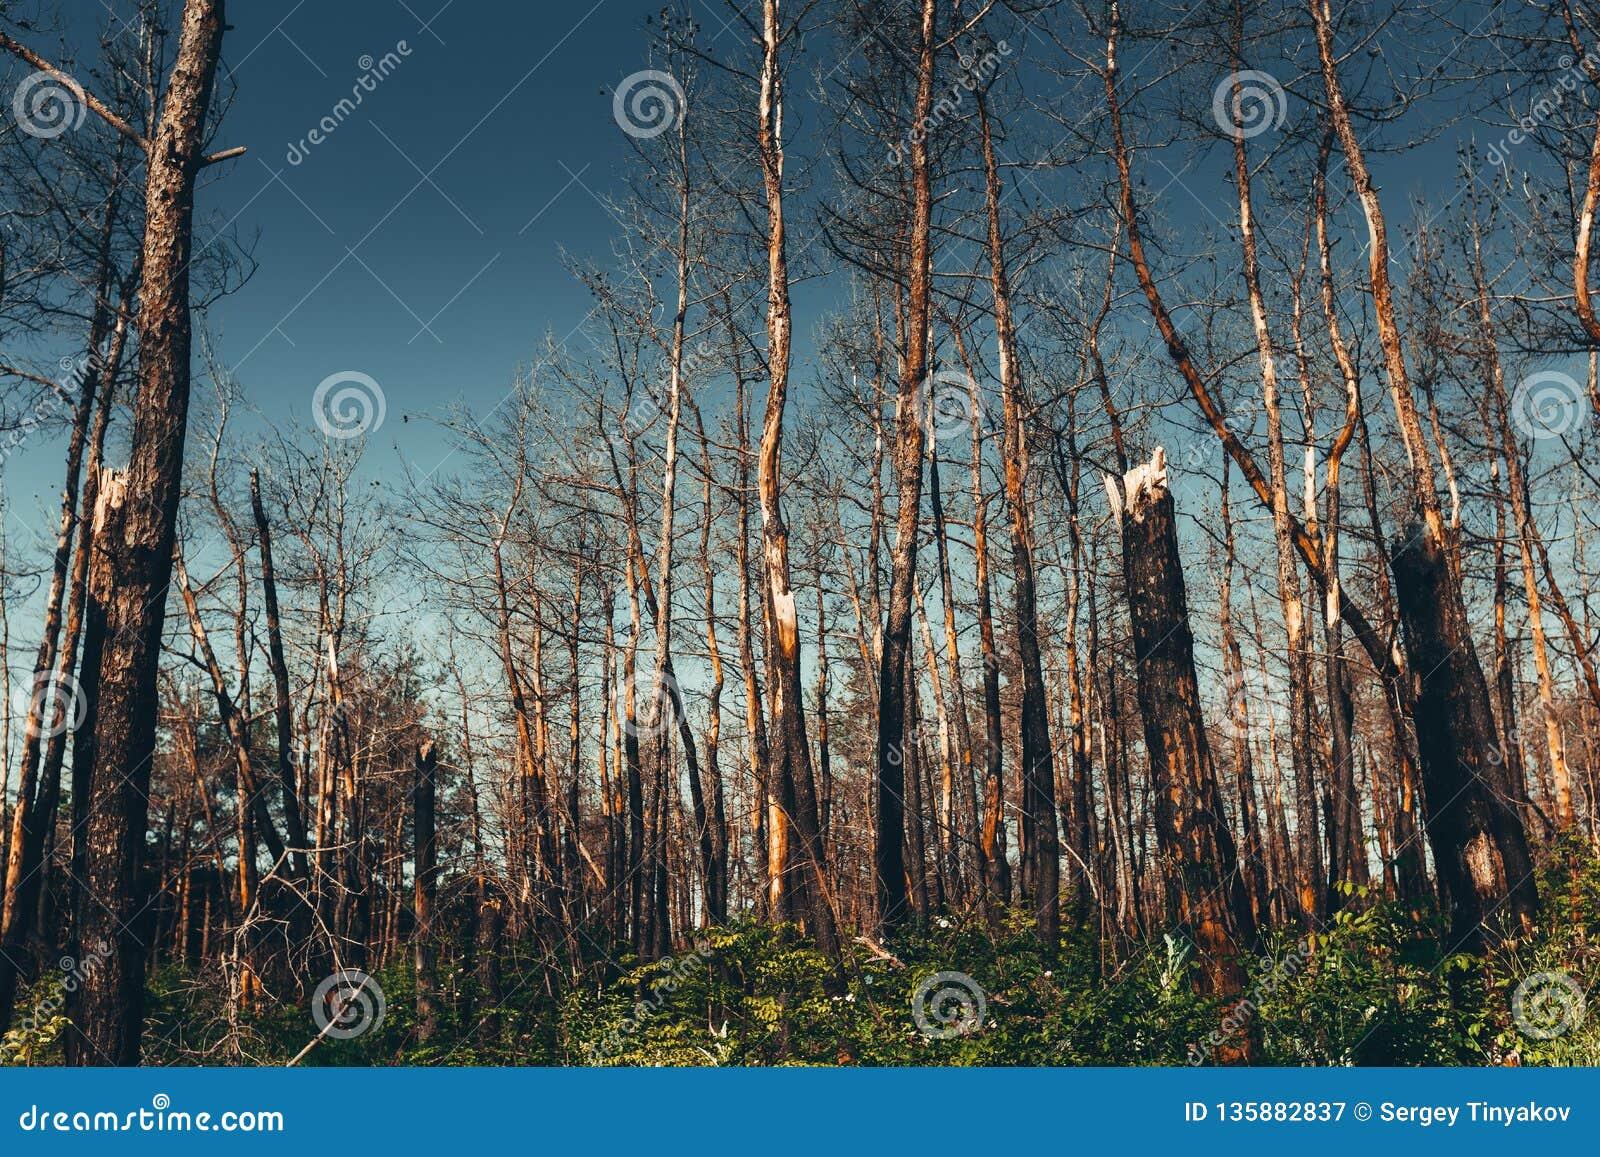 Nationella miljö- problem, miljöbelastning, död skog, skadlig produktion, barbarisk skogsavverkning, hotet till